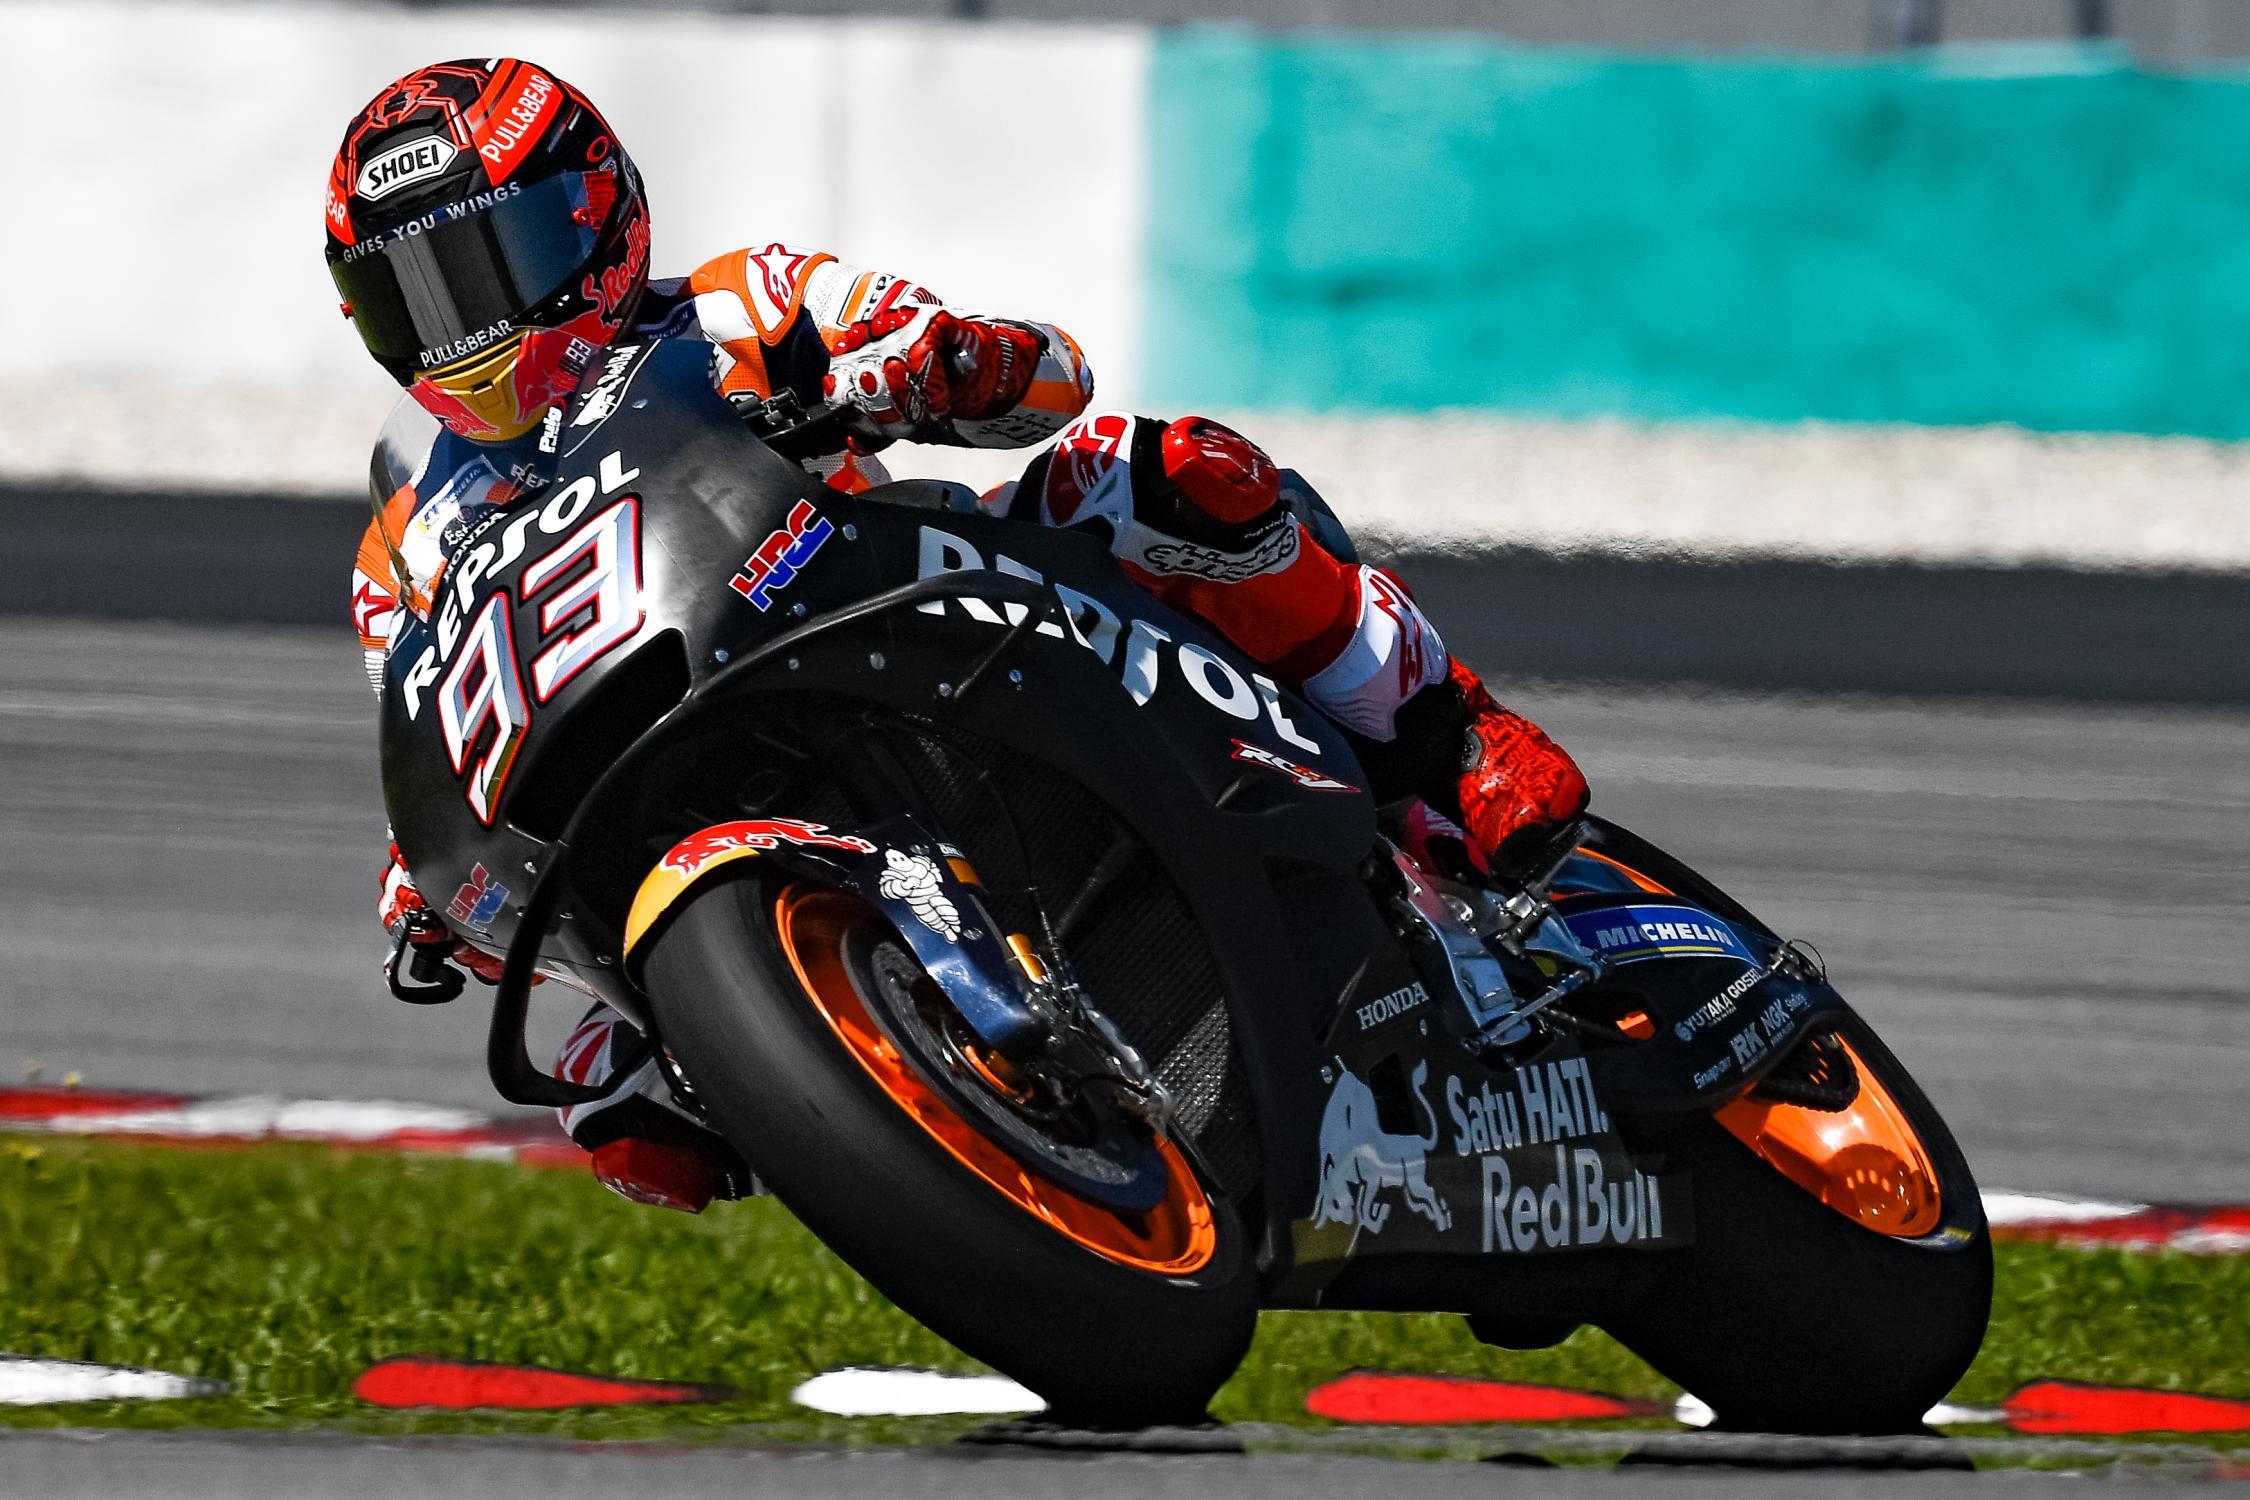 MOTO GP TESTS 2019 - Page 2 Marc-marquez-sepang-test-motogp-j1-2019